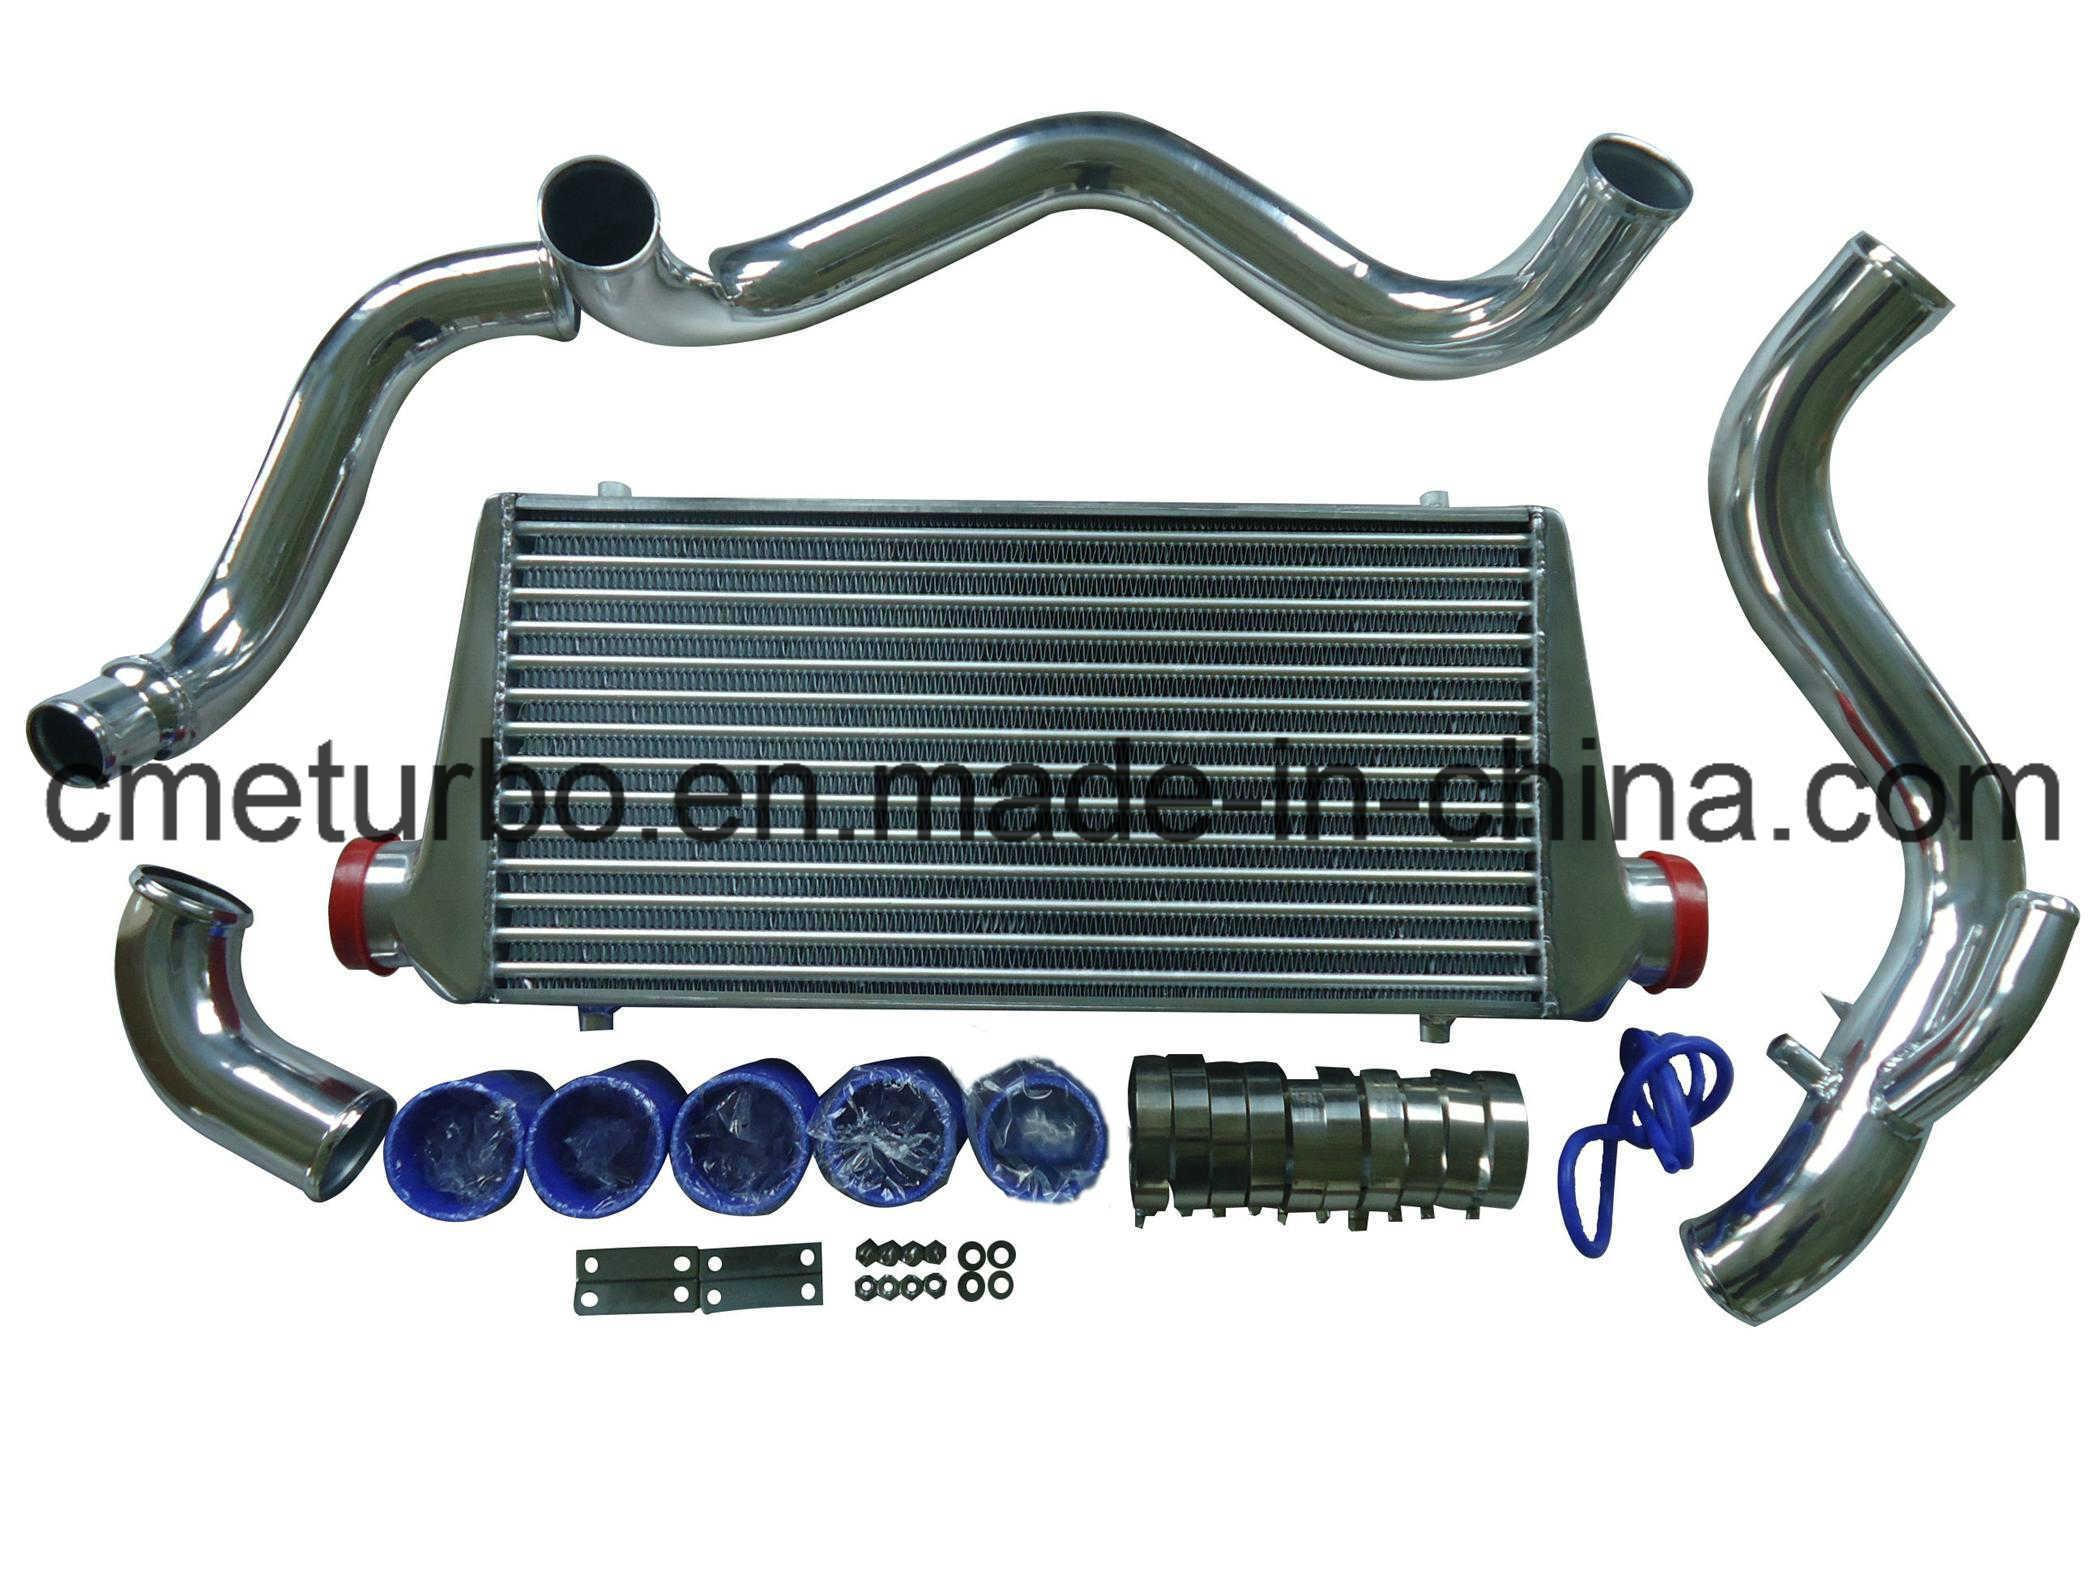 China Intercooler Piping Kits Fornissan 200sx 240sx S14 S15A